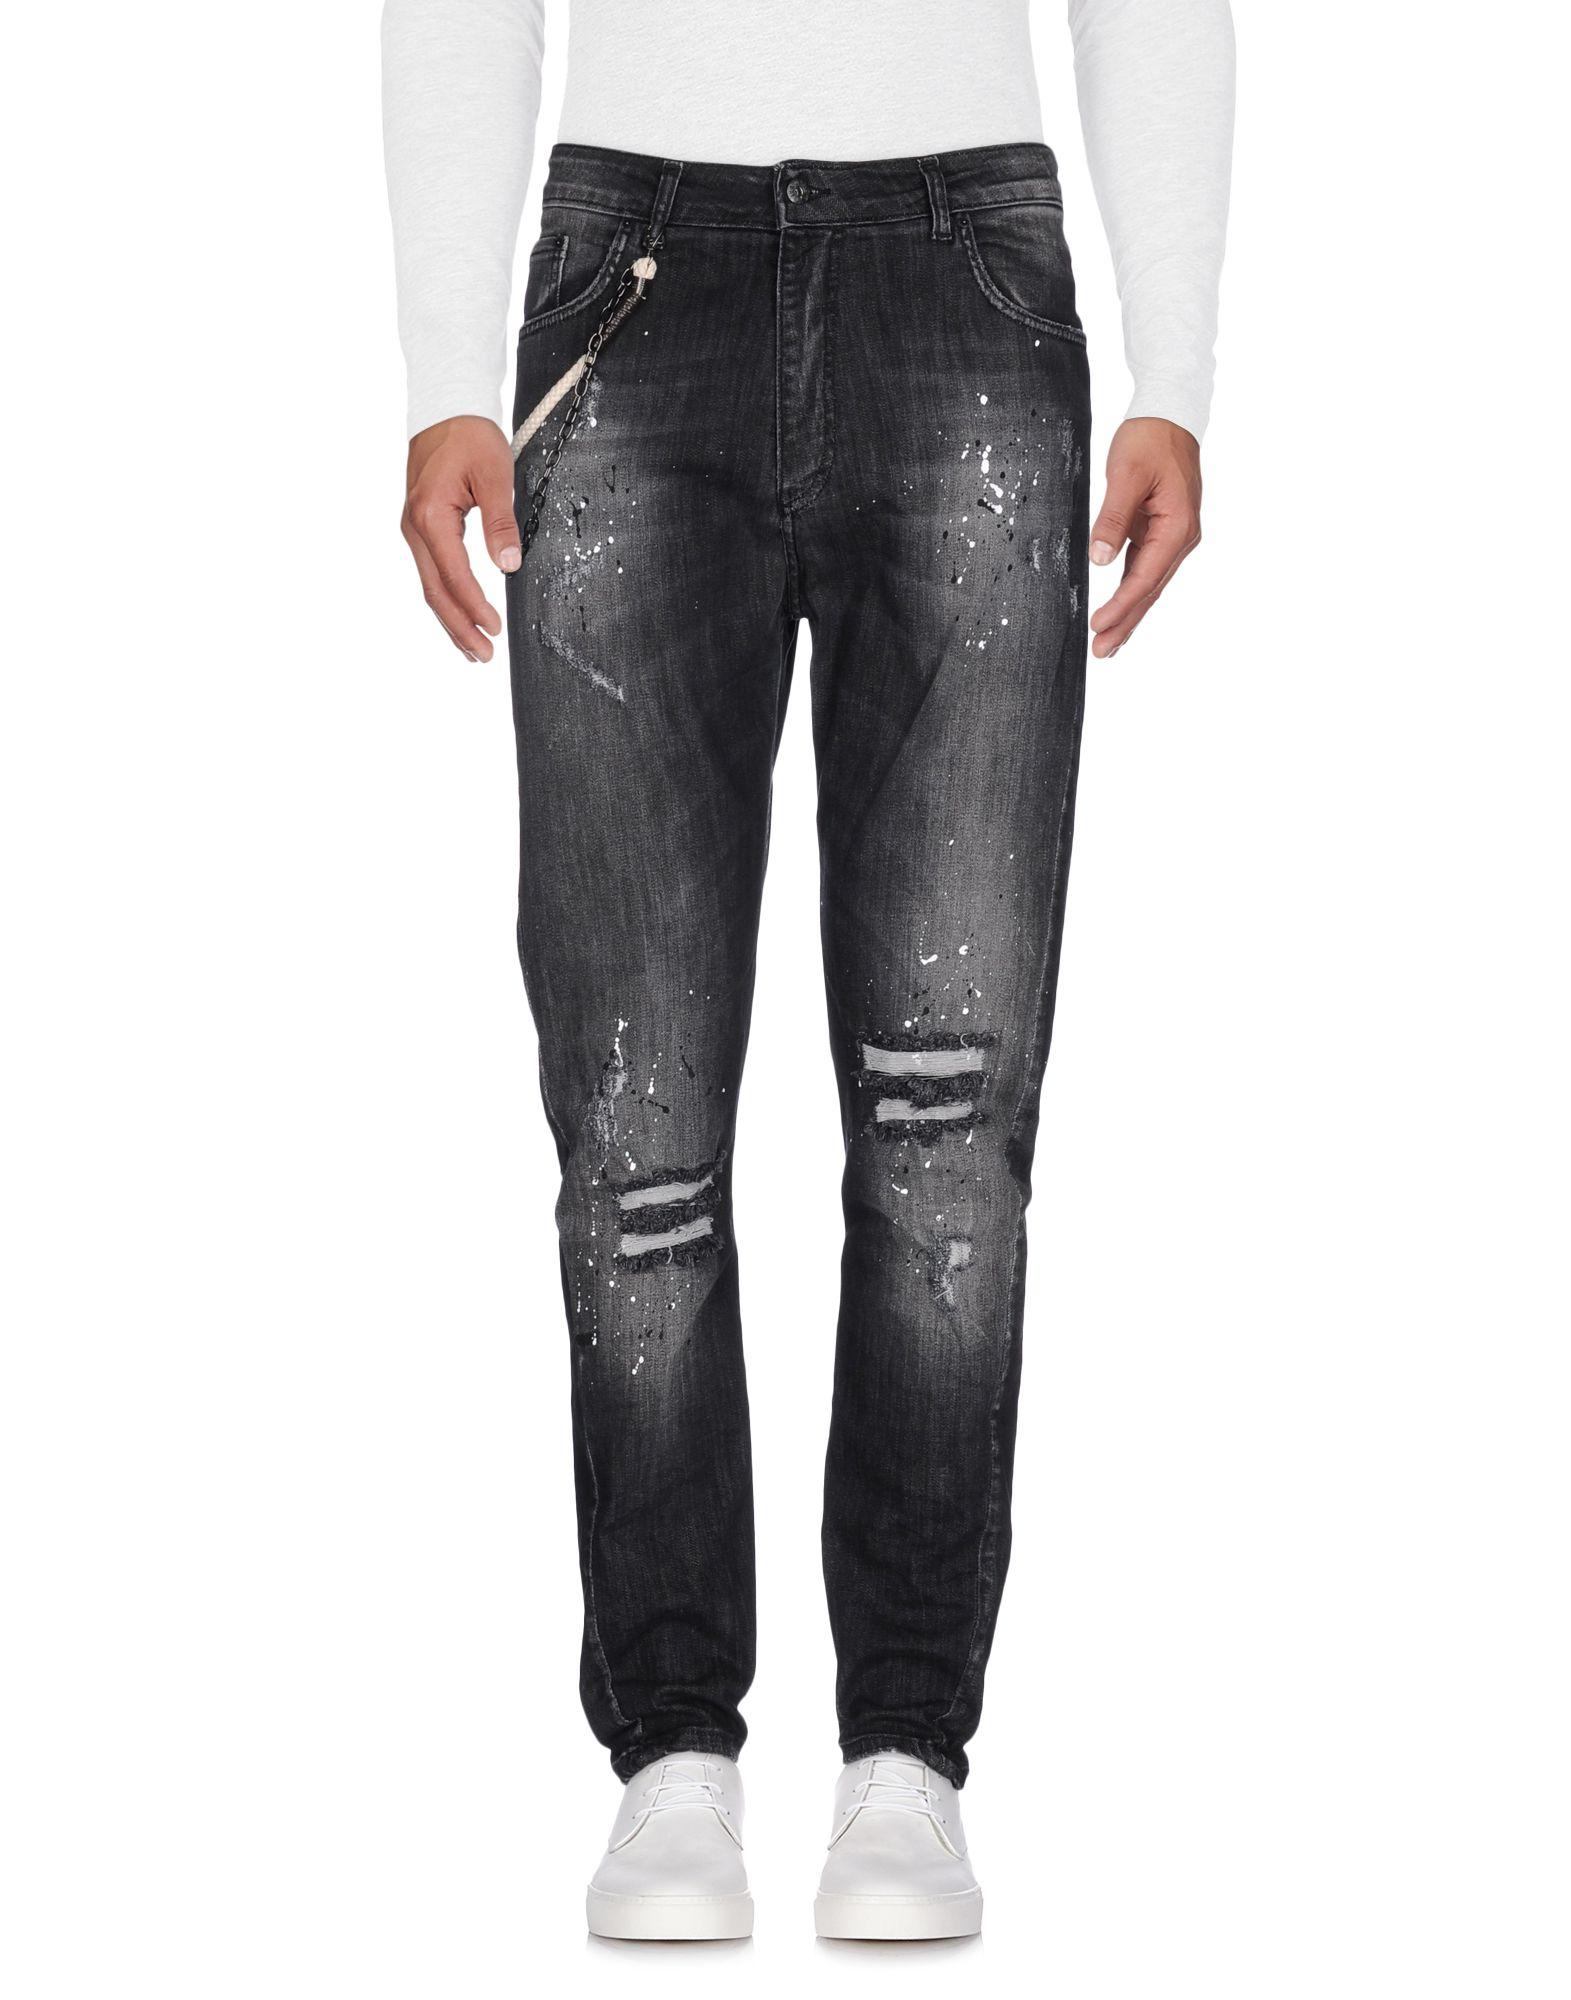 KLIXS JEANS Herren Jeanshose Farbe Schwarz Größe 4 jetztbilligerkaufen